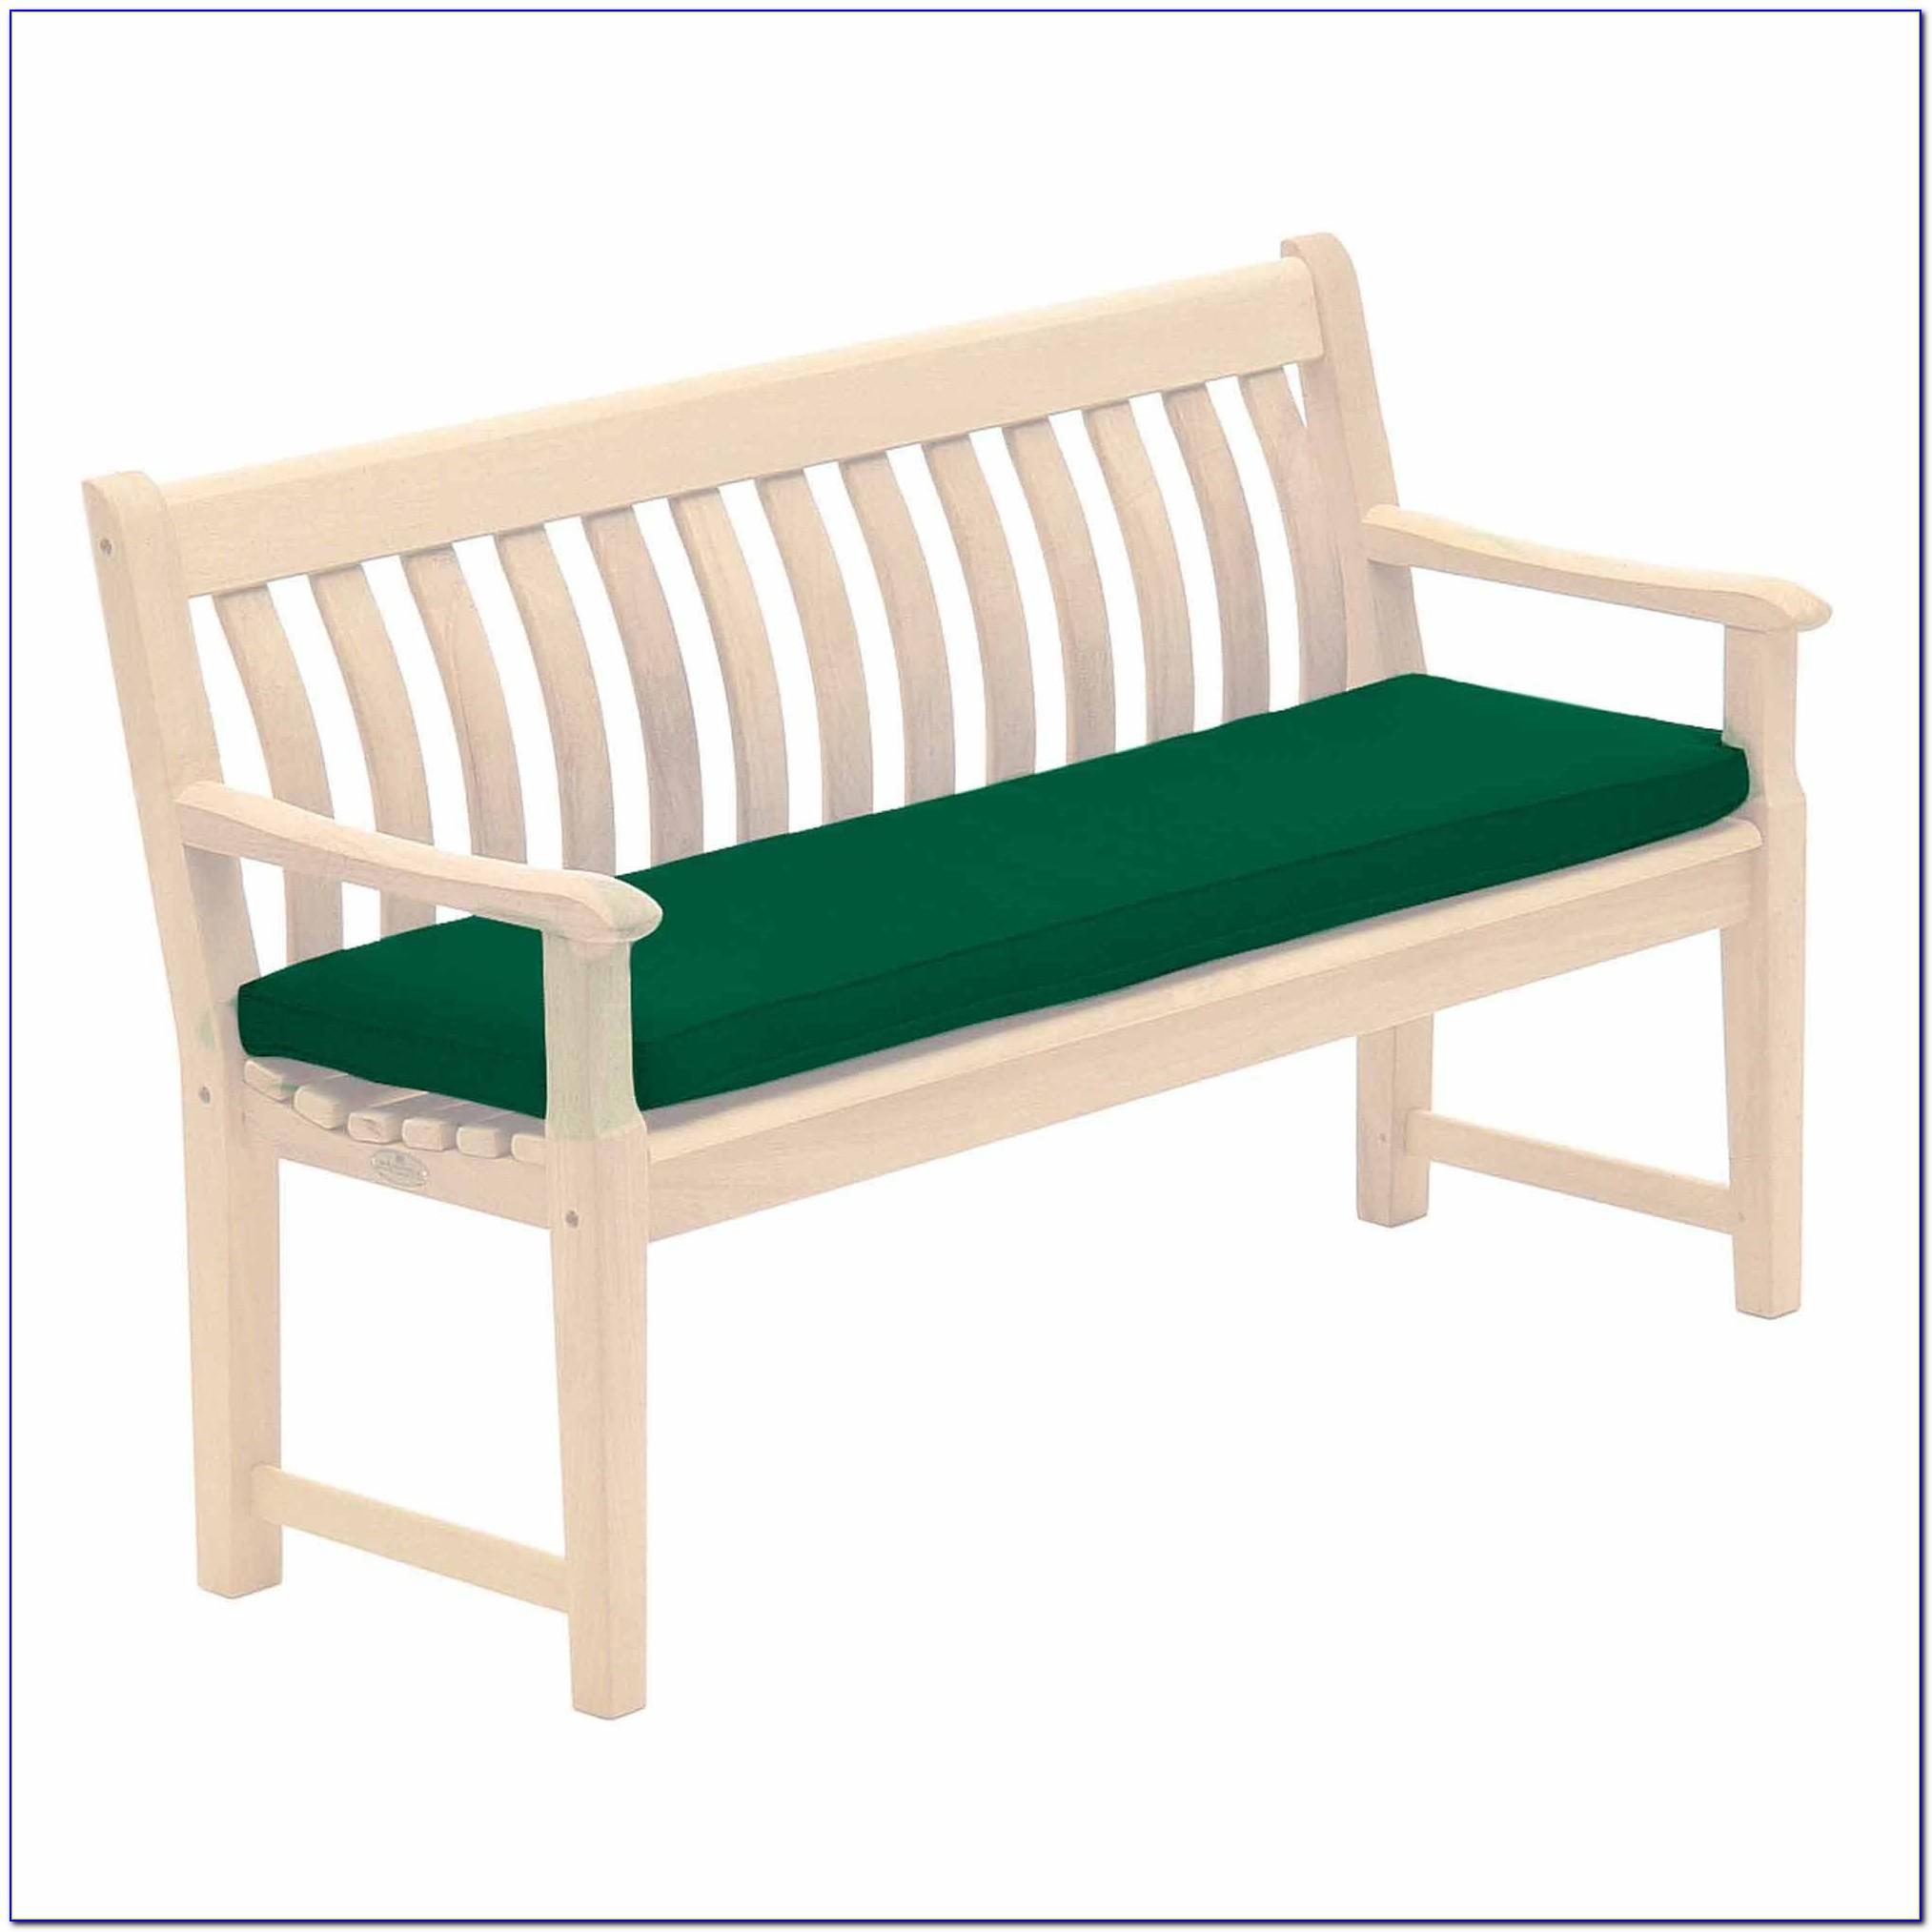 5 Foot Long Bench Cushion